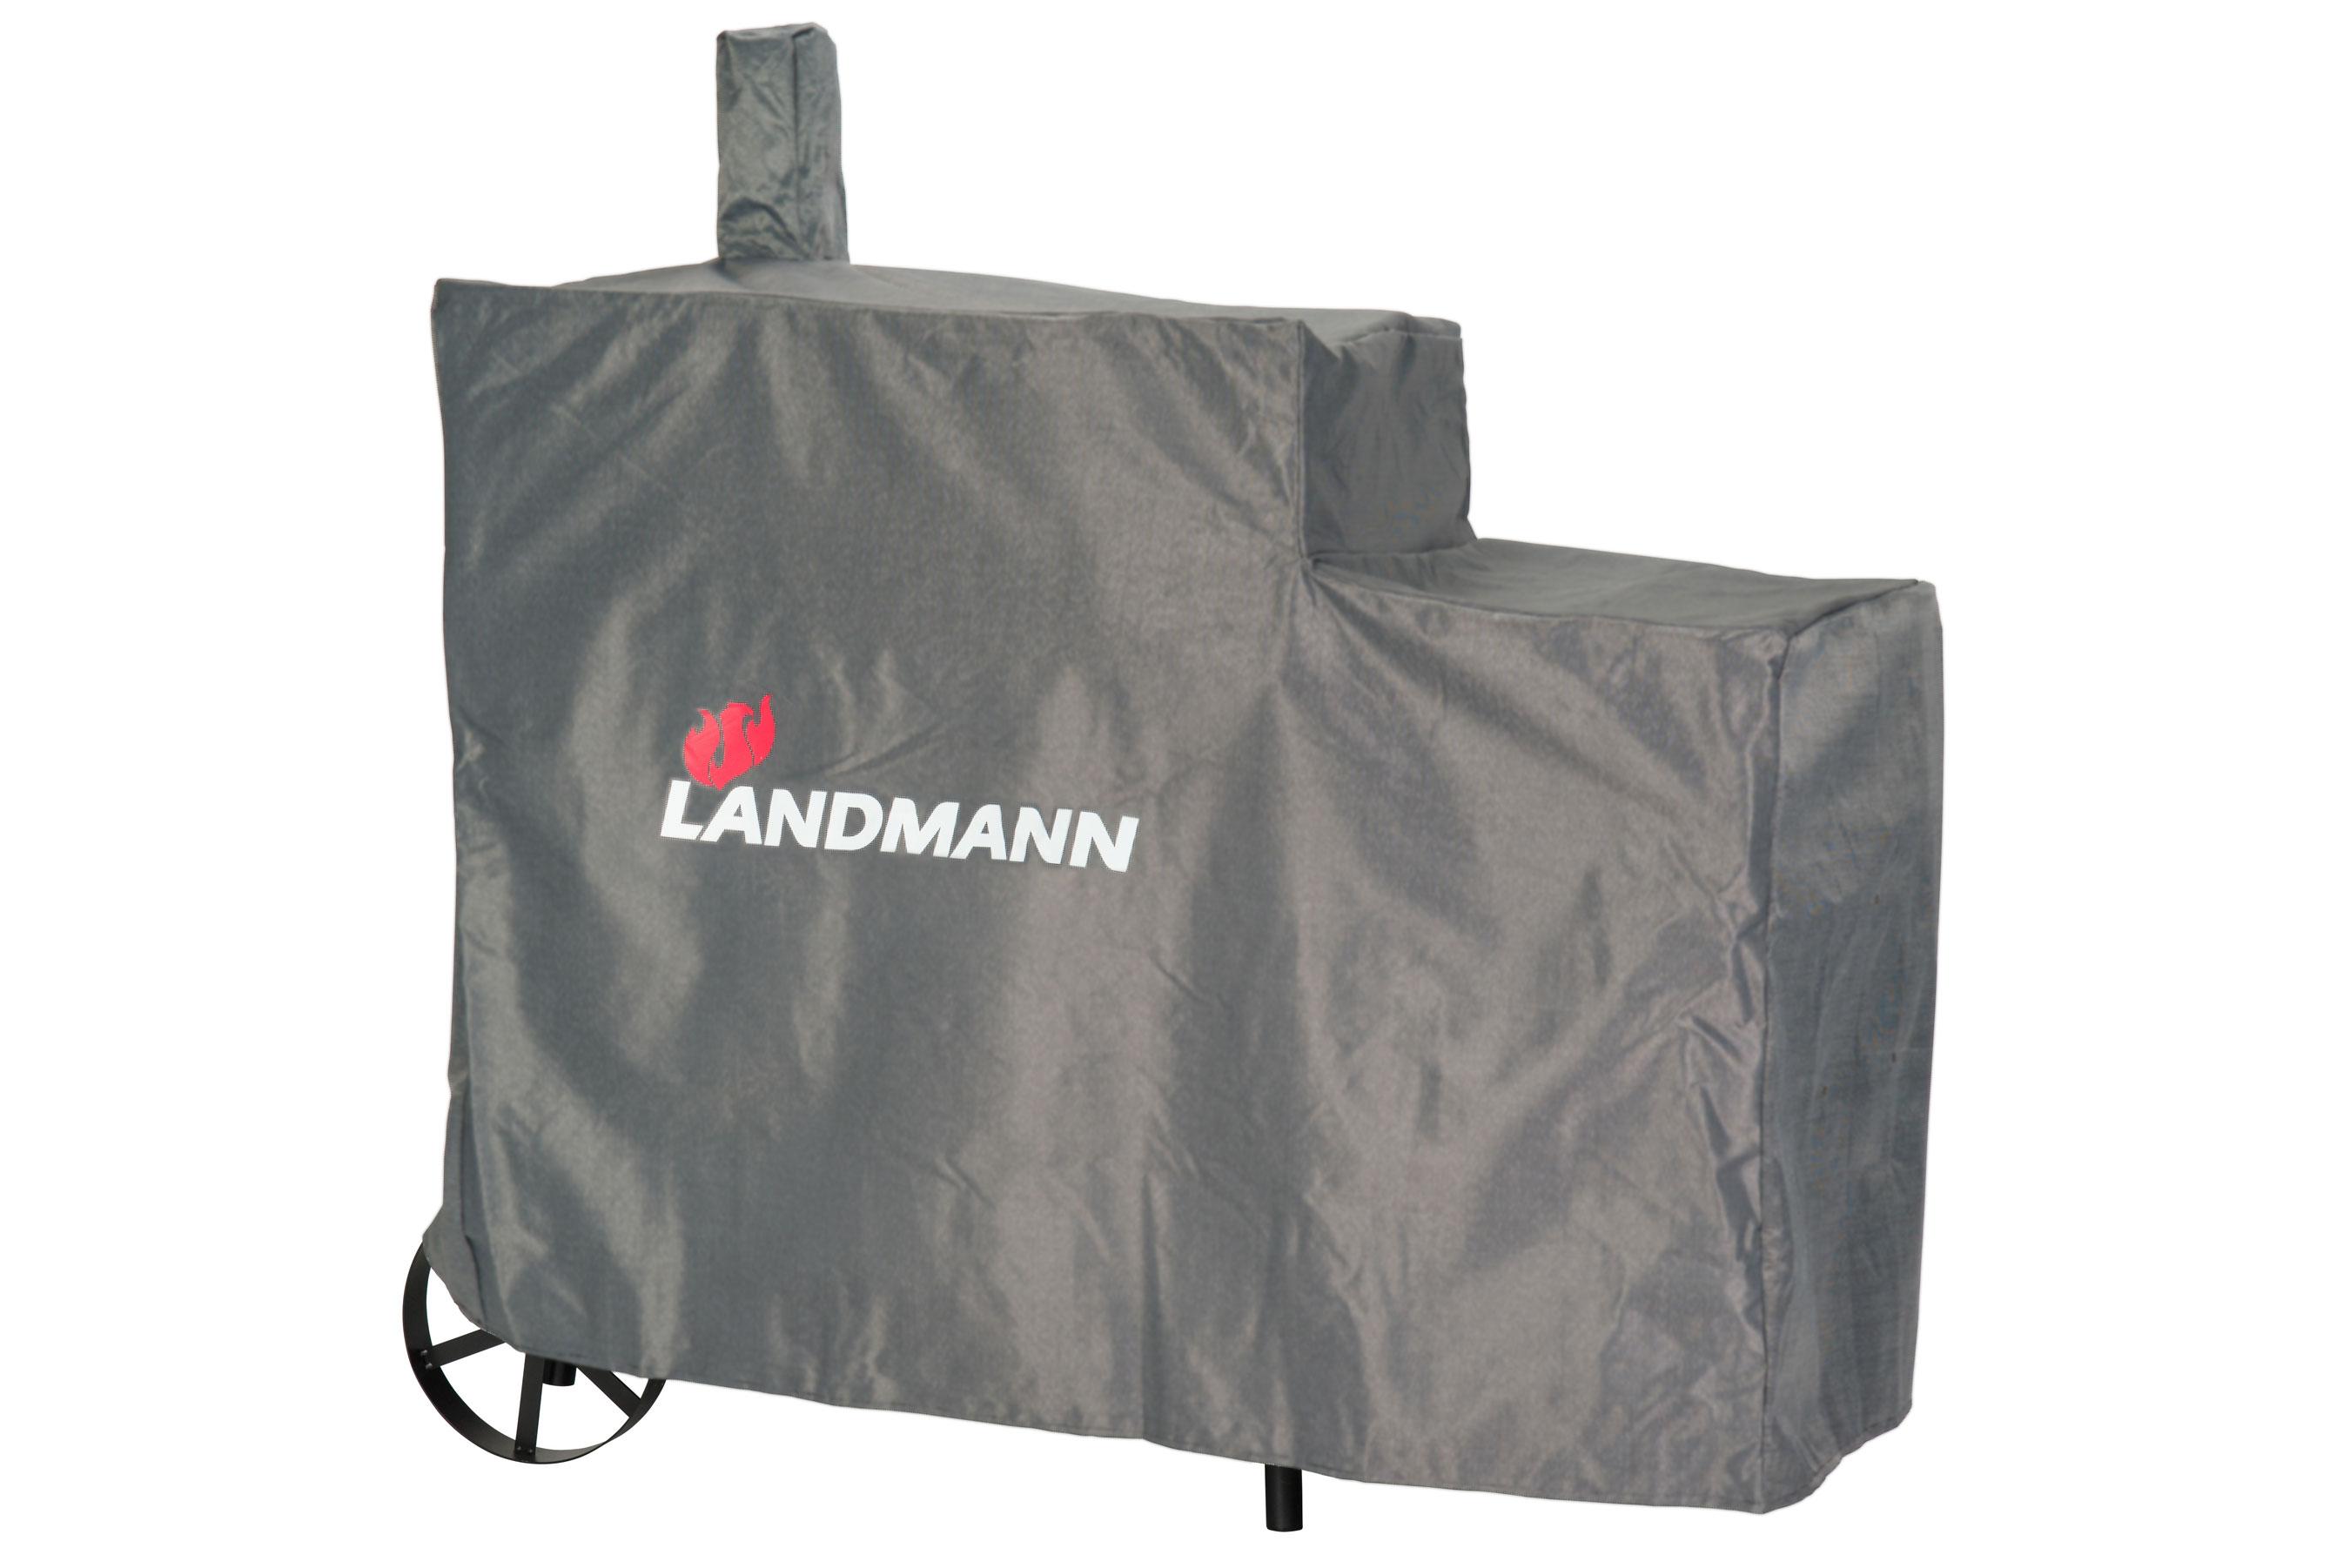 Landmann Gasgrill Xl : Landmann gasgrill lavasteine eur picclick de